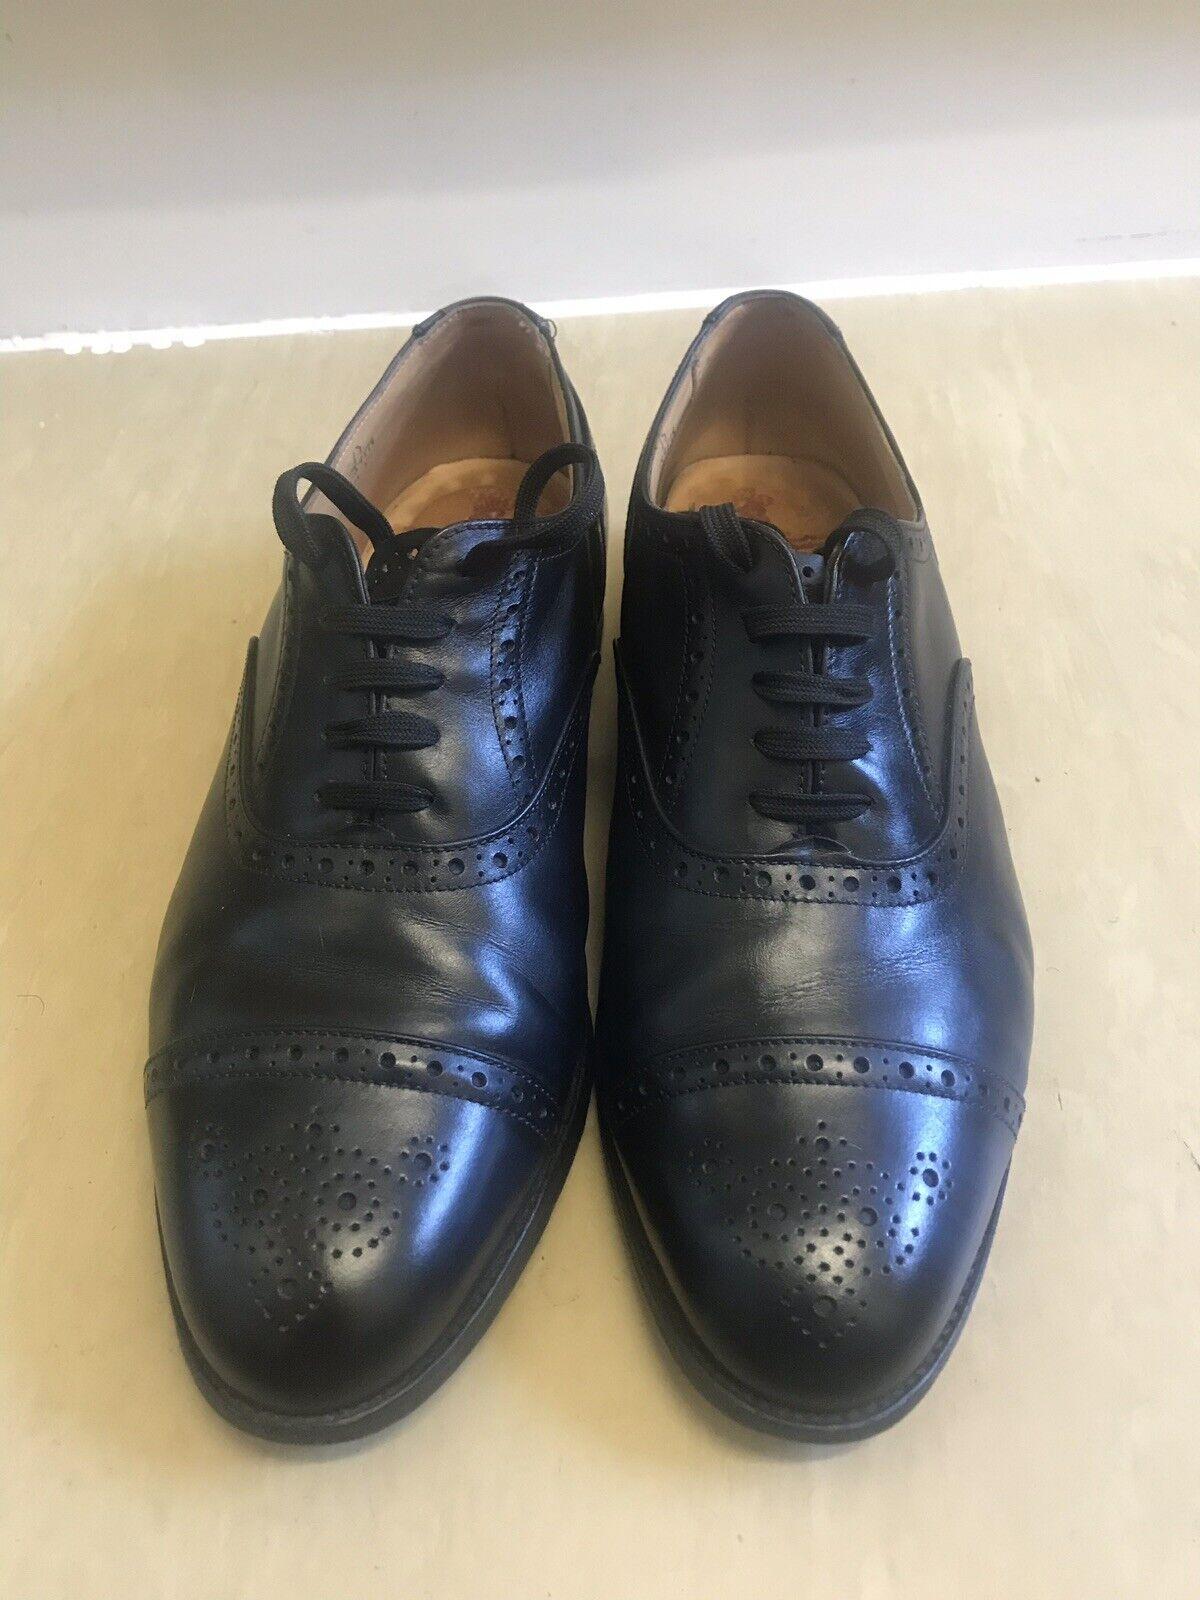 Trickers Bourton Acorn Richelieu à noir hommes chaussures Taille 45 UK 11